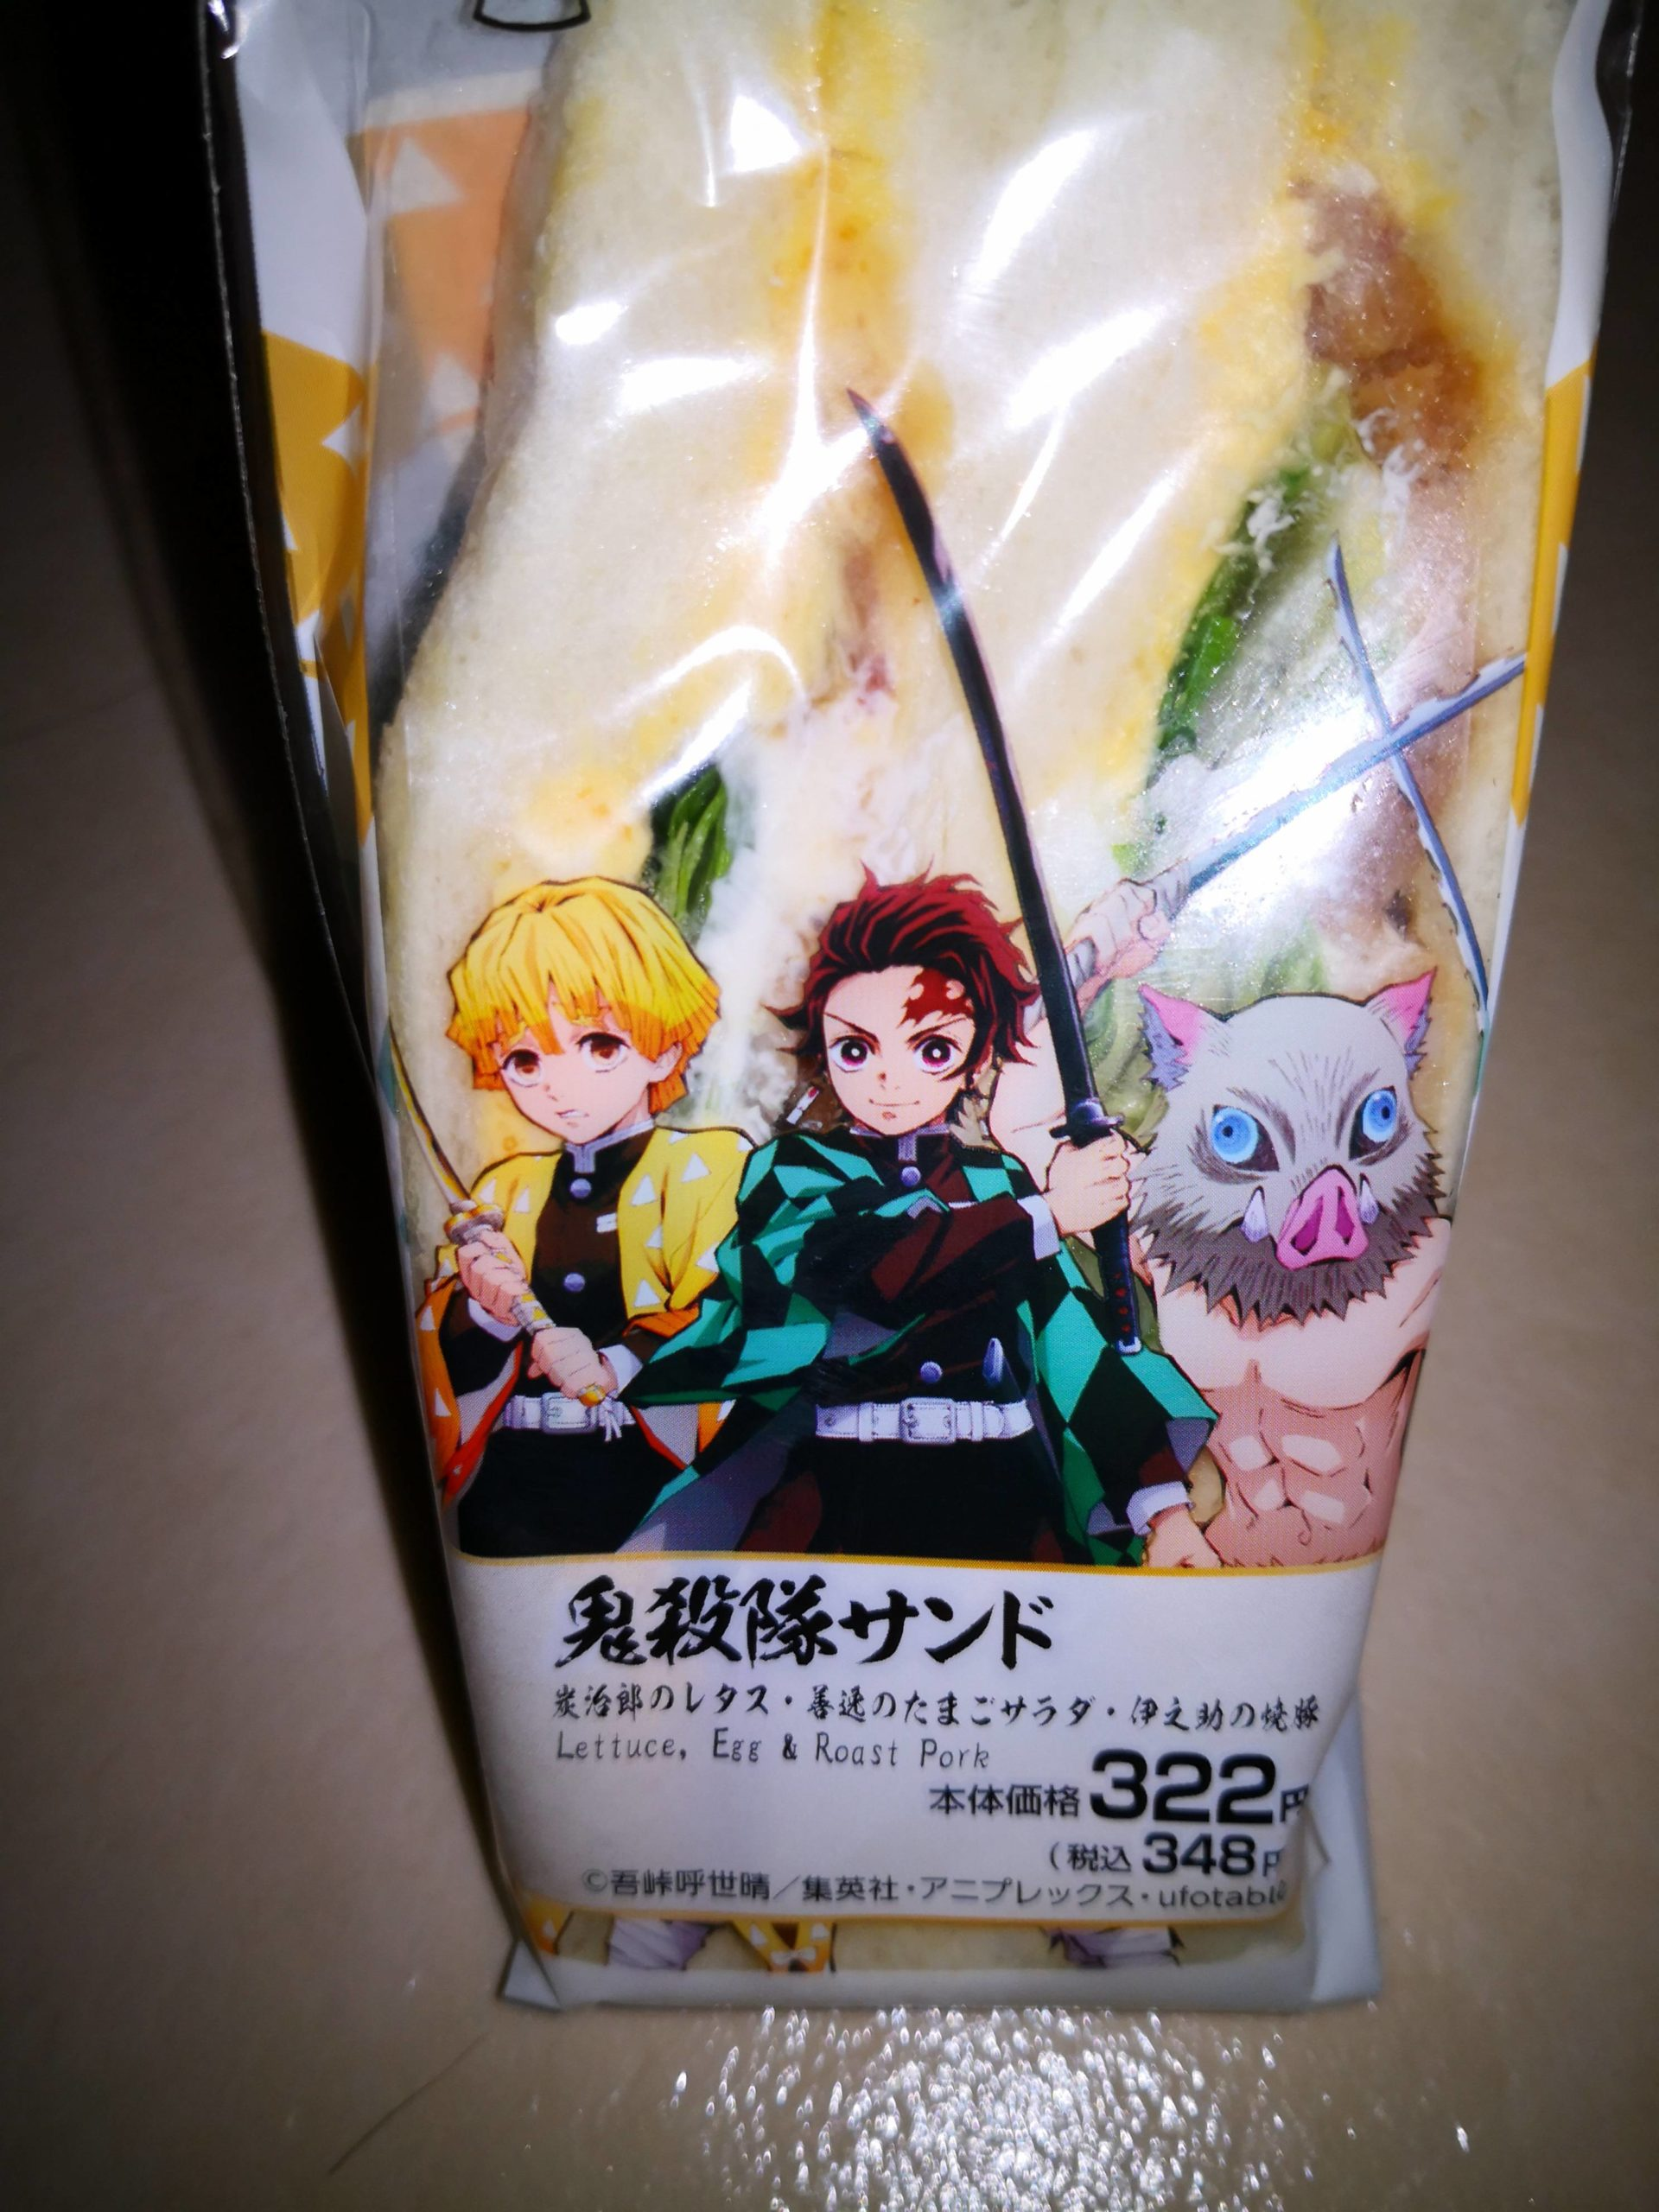 【画像】炭治郎のサンドイッチ買ってみた【鬼滅の刃】